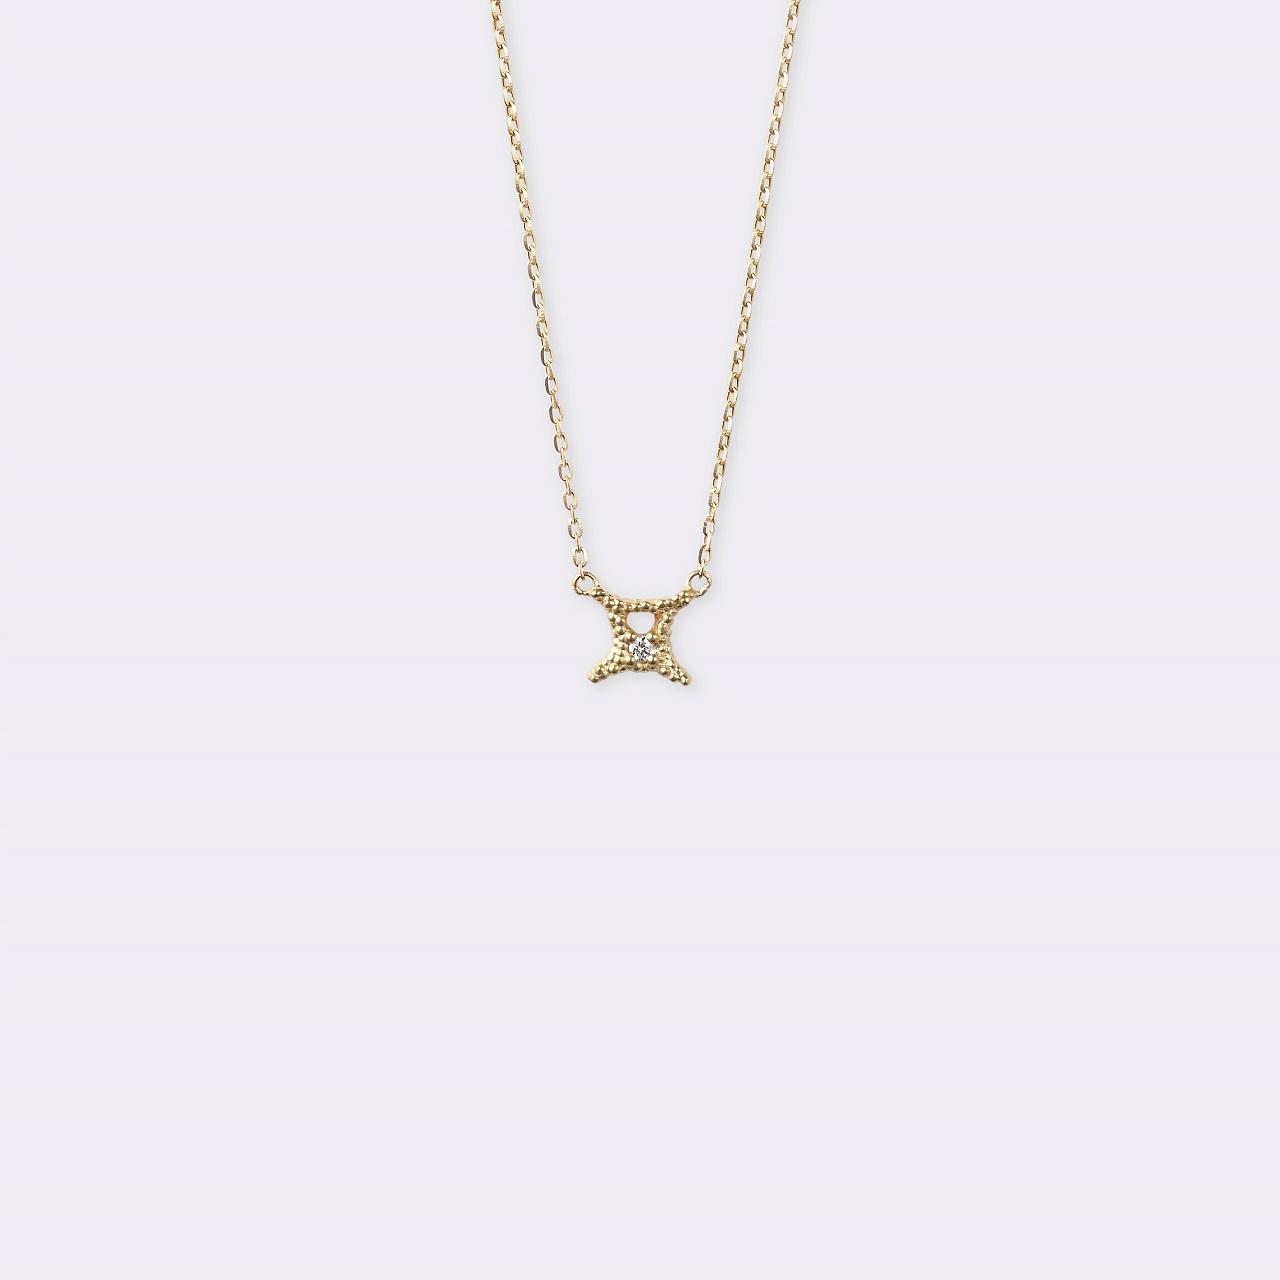 Horoscope Necklace 双子座 K18YG(ホロスコープネックレス ふたご座 K18イエローゴールド)